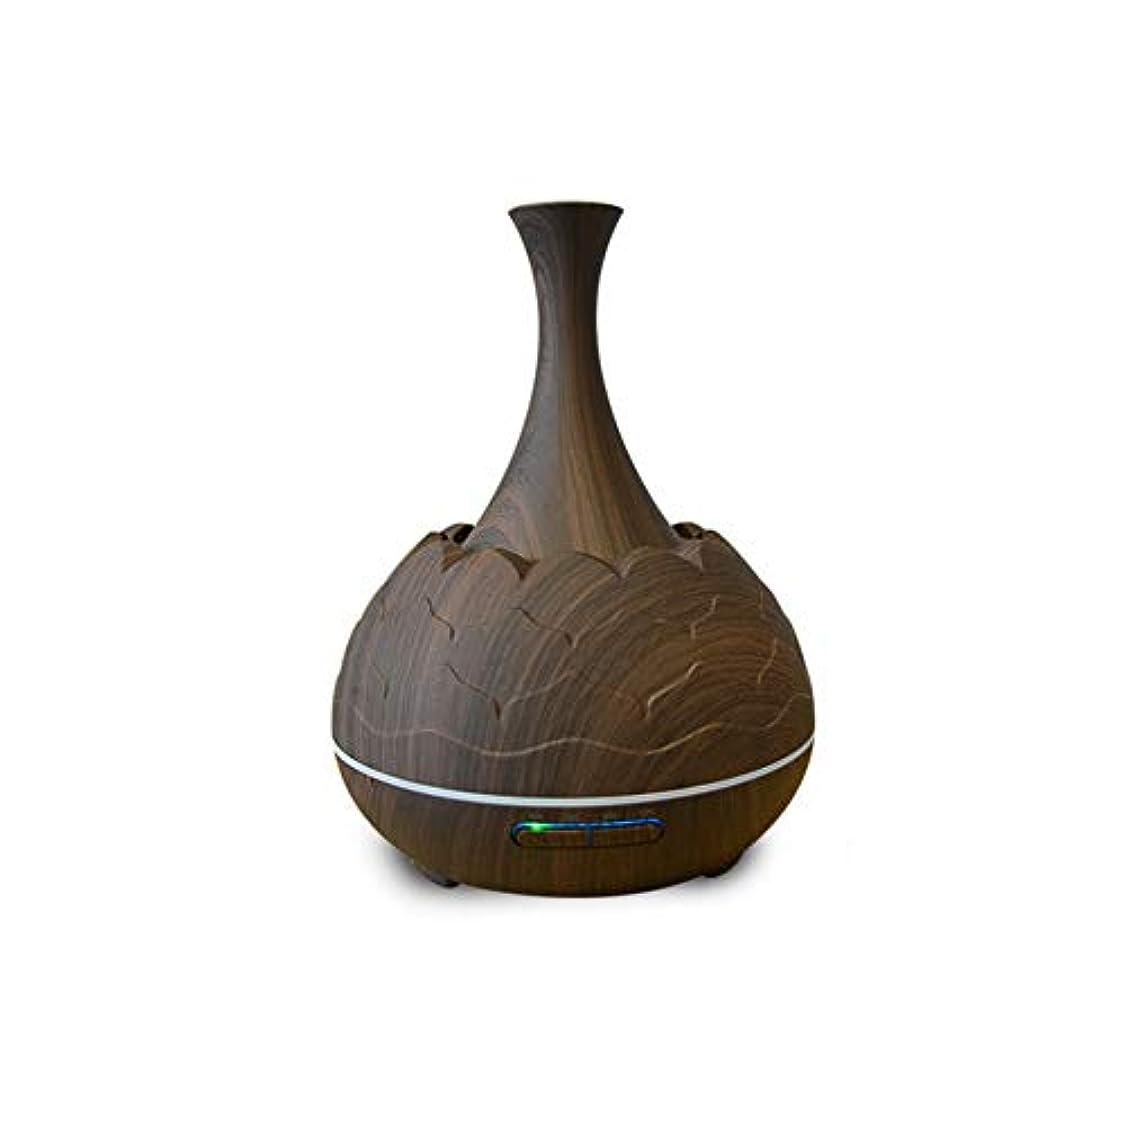 北東クリスマス復活させる木目 霧 香り 精油 ディフューザー,7 色 空気を浄化 加湿器 時間 手動 Wifiアプリコントロール 加湿機 ホーム Yoga- 400ml